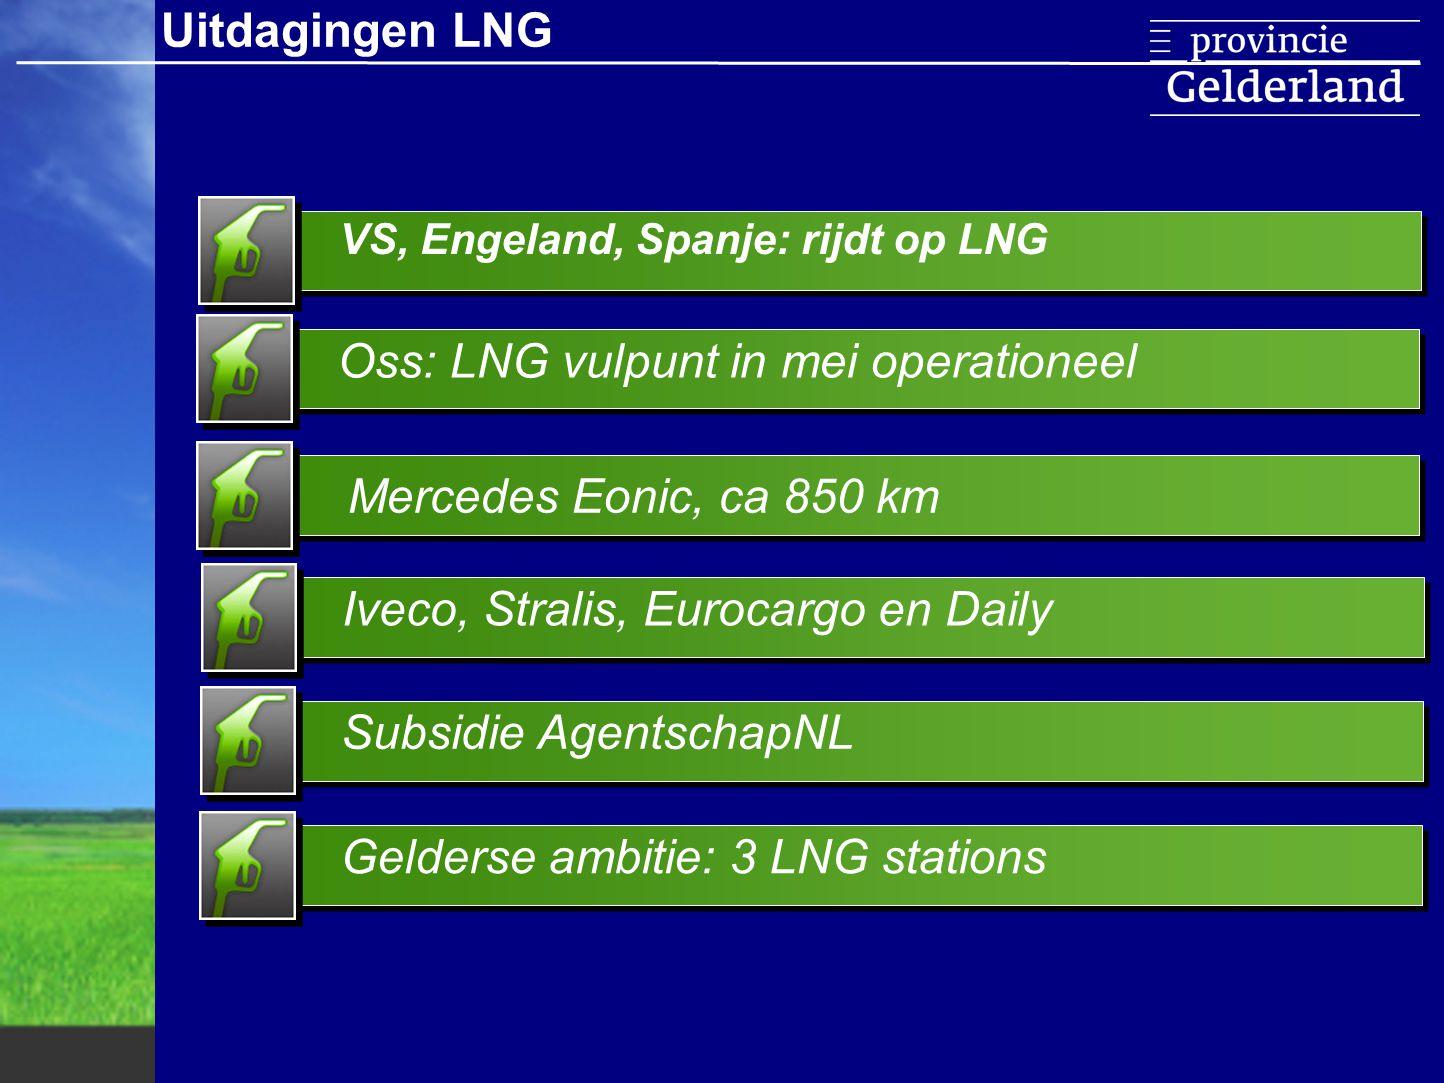 Voorkoming blow-off gas Voorwaarden L/CNG tankstation Uniforme homologatiecriteria LNG trucks Stabiel beleid accijnzen Uitdagingen LNG Aanpassing stations variabele drukUniforme kwaliteitseisen LNGConcurrerende business case